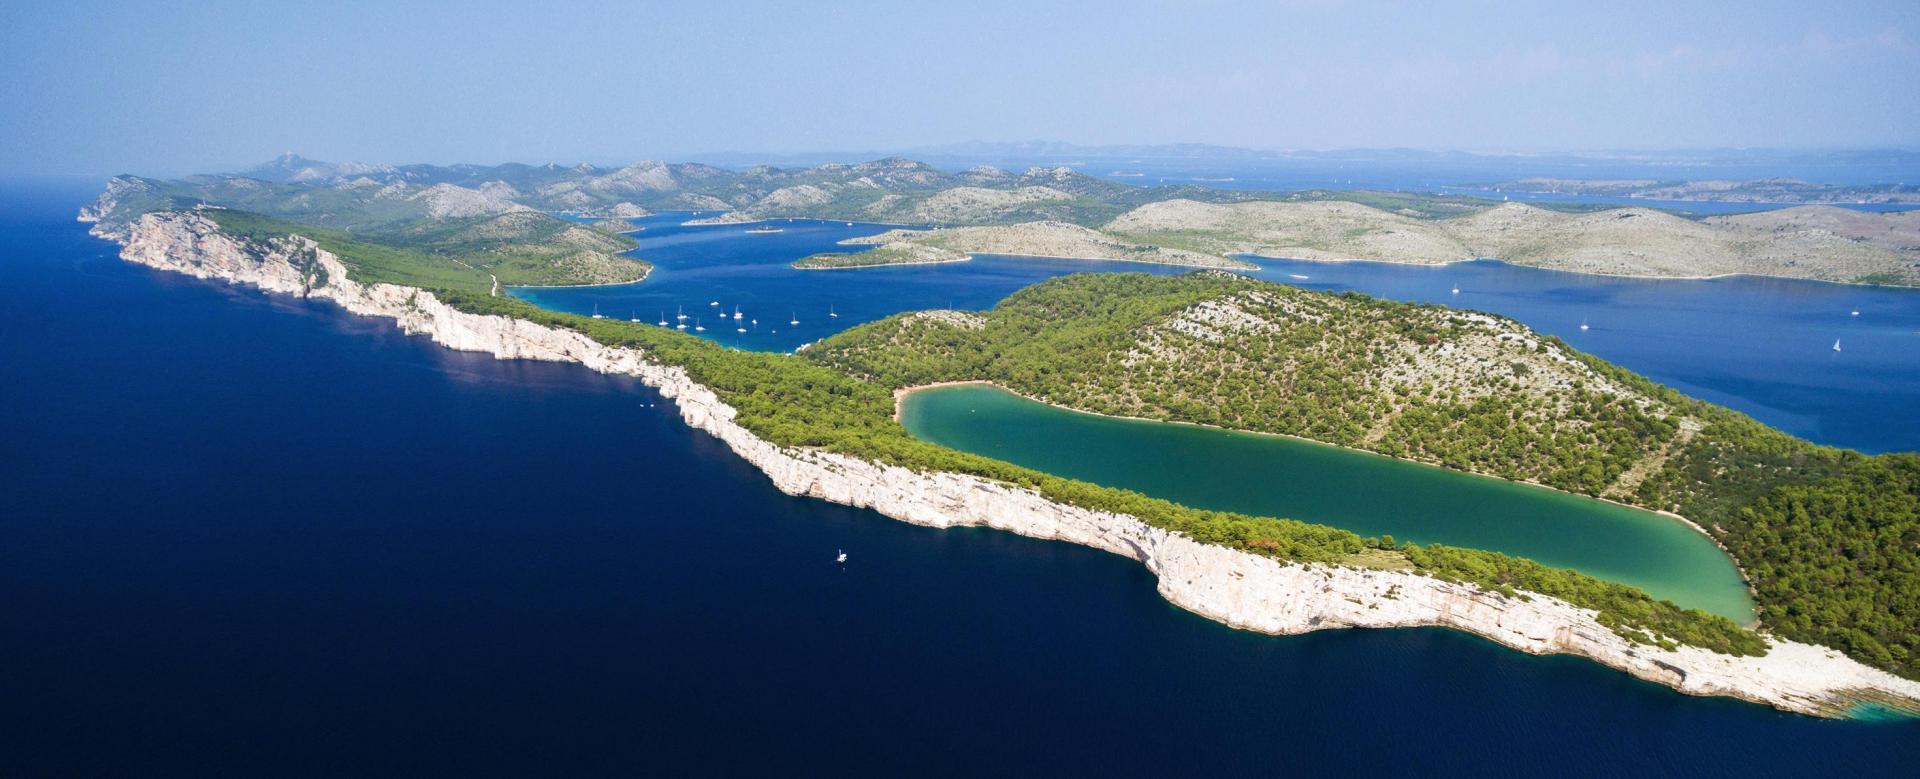 Voyage en véhicule : Parcs et îles de dalmatie